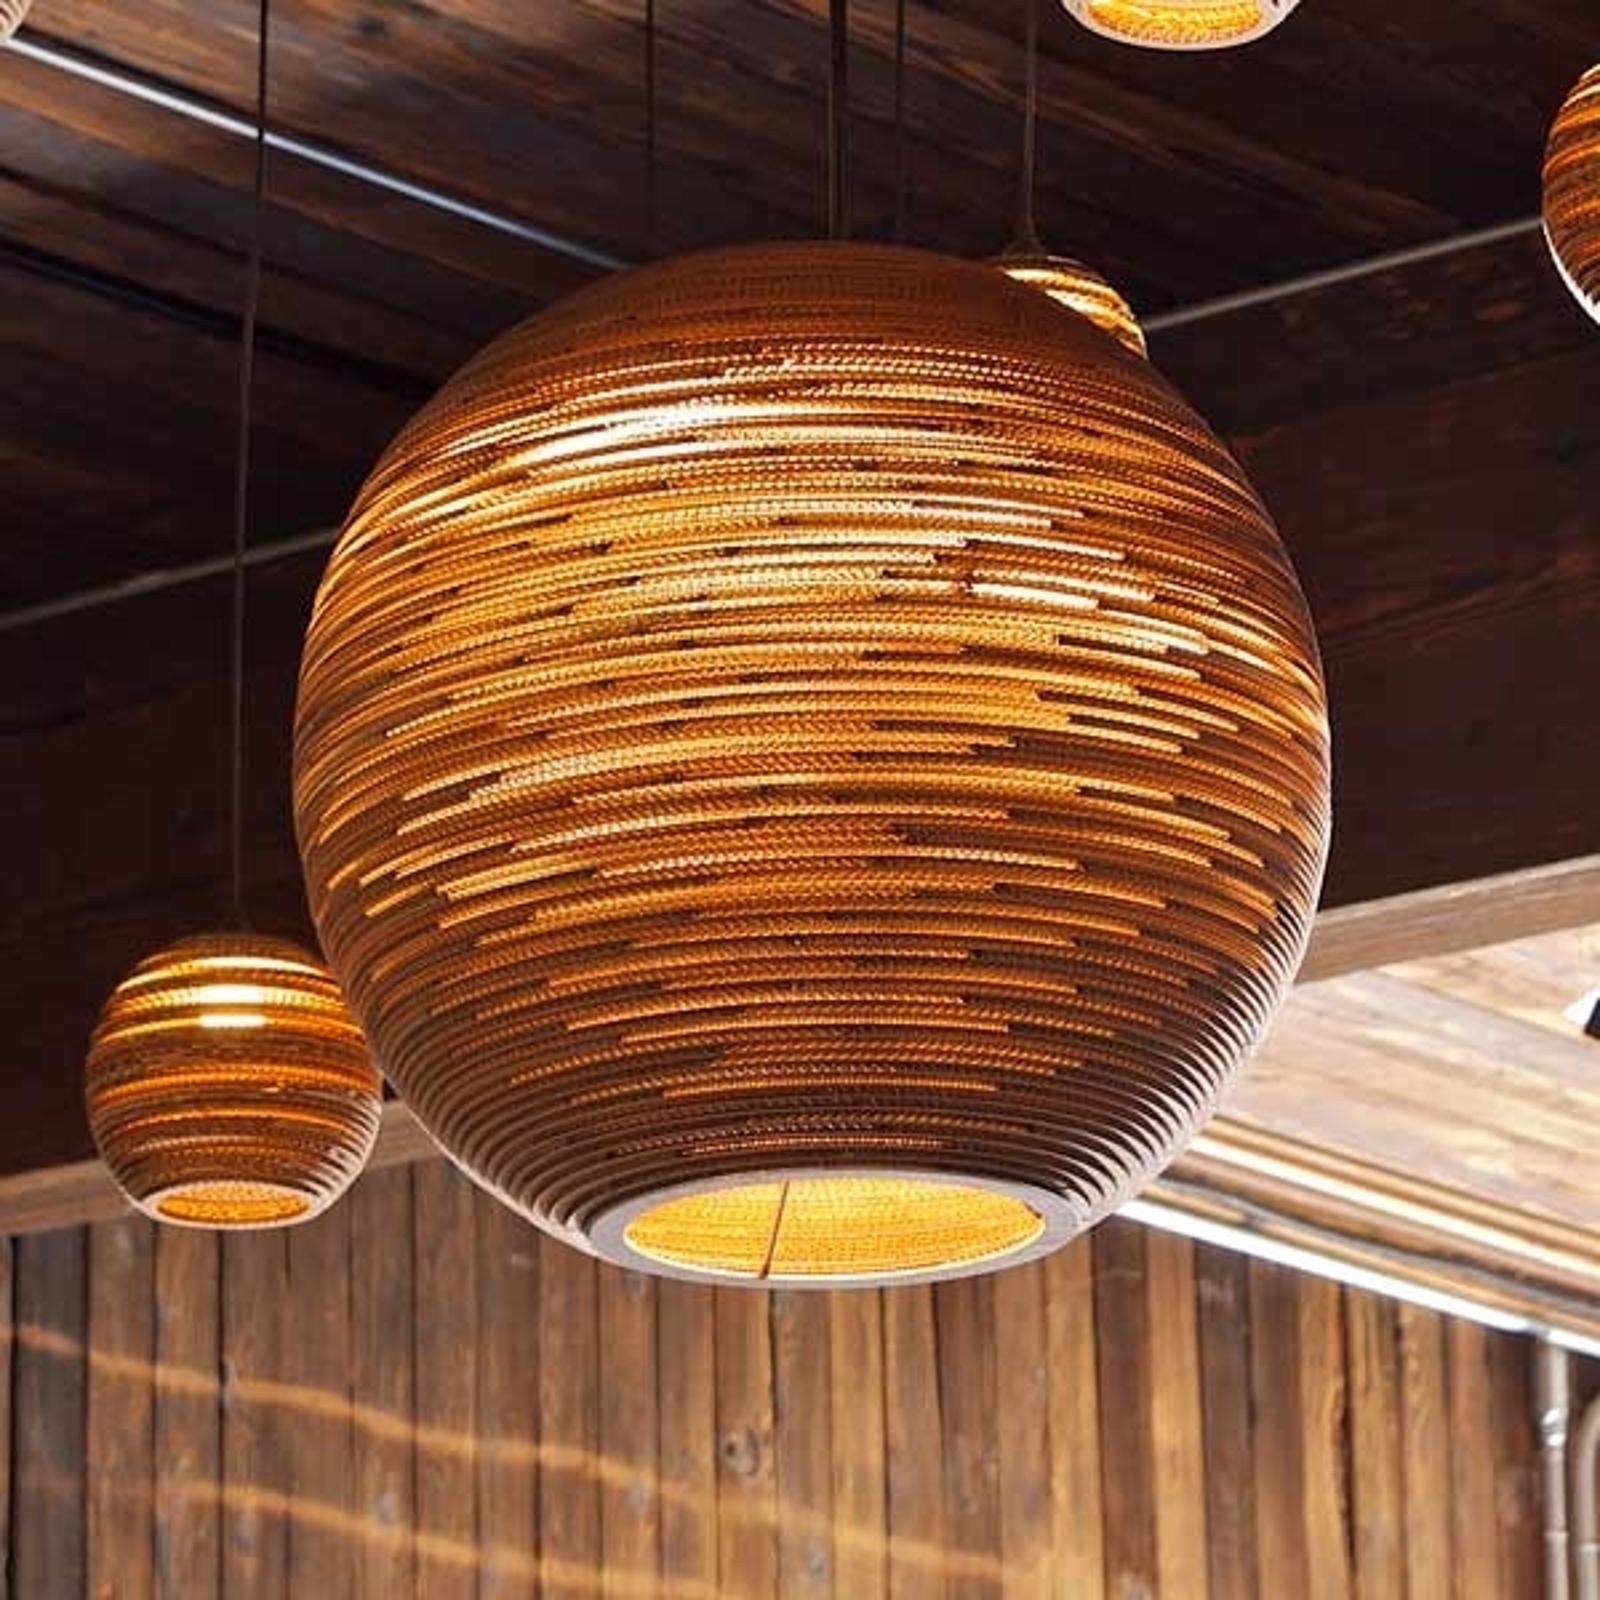 Ball okrągła lampa wisząca z kartonu 45 cm